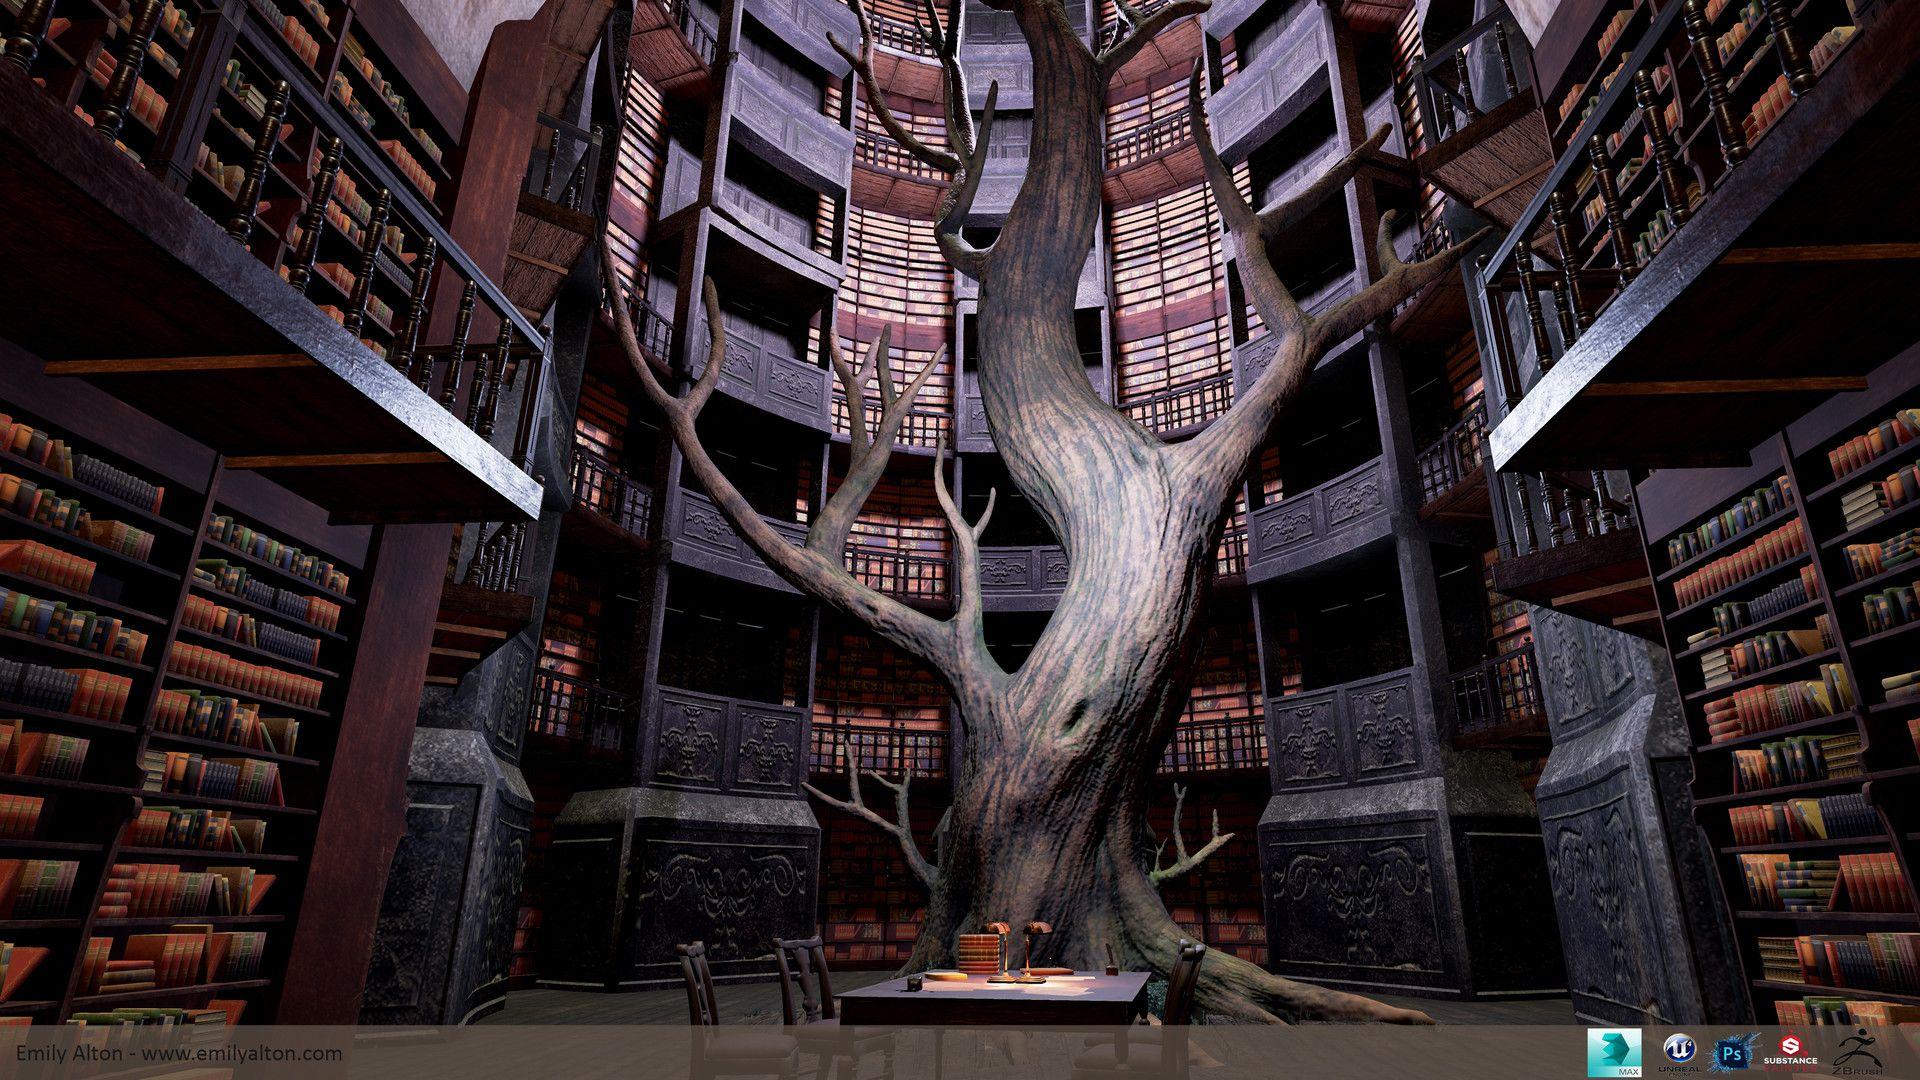 даже картинки волшебных библиотек возможность